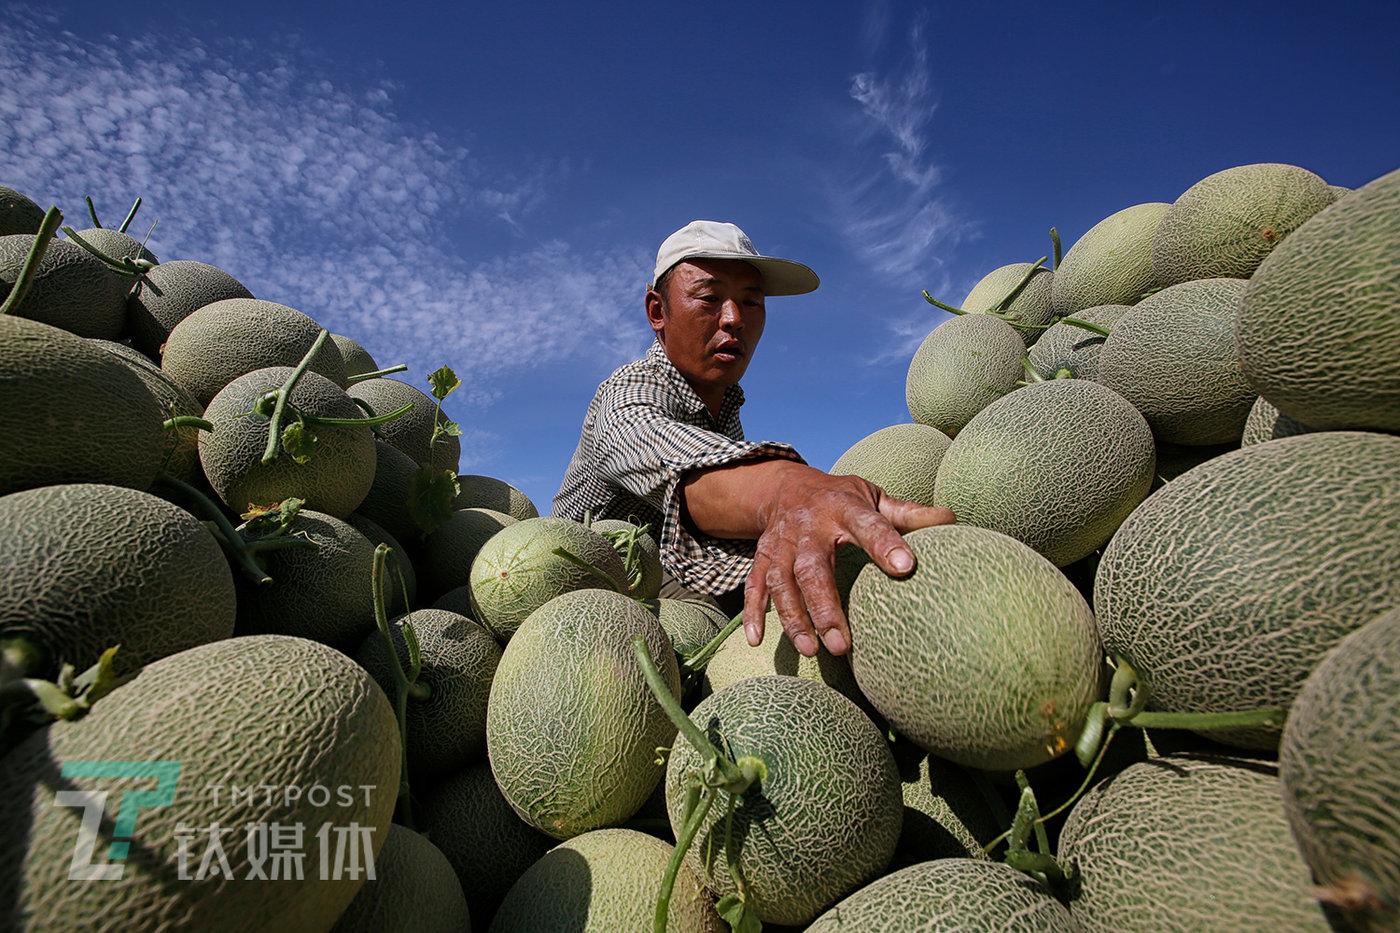 薛志明将蜜瓜装上拖拉机,他要将这些瓜一车车运到镇上的市场出售。2019年他一共卖了11万,收入比平常年份大约少两三万,比行情最好的2018年少了二十多万。